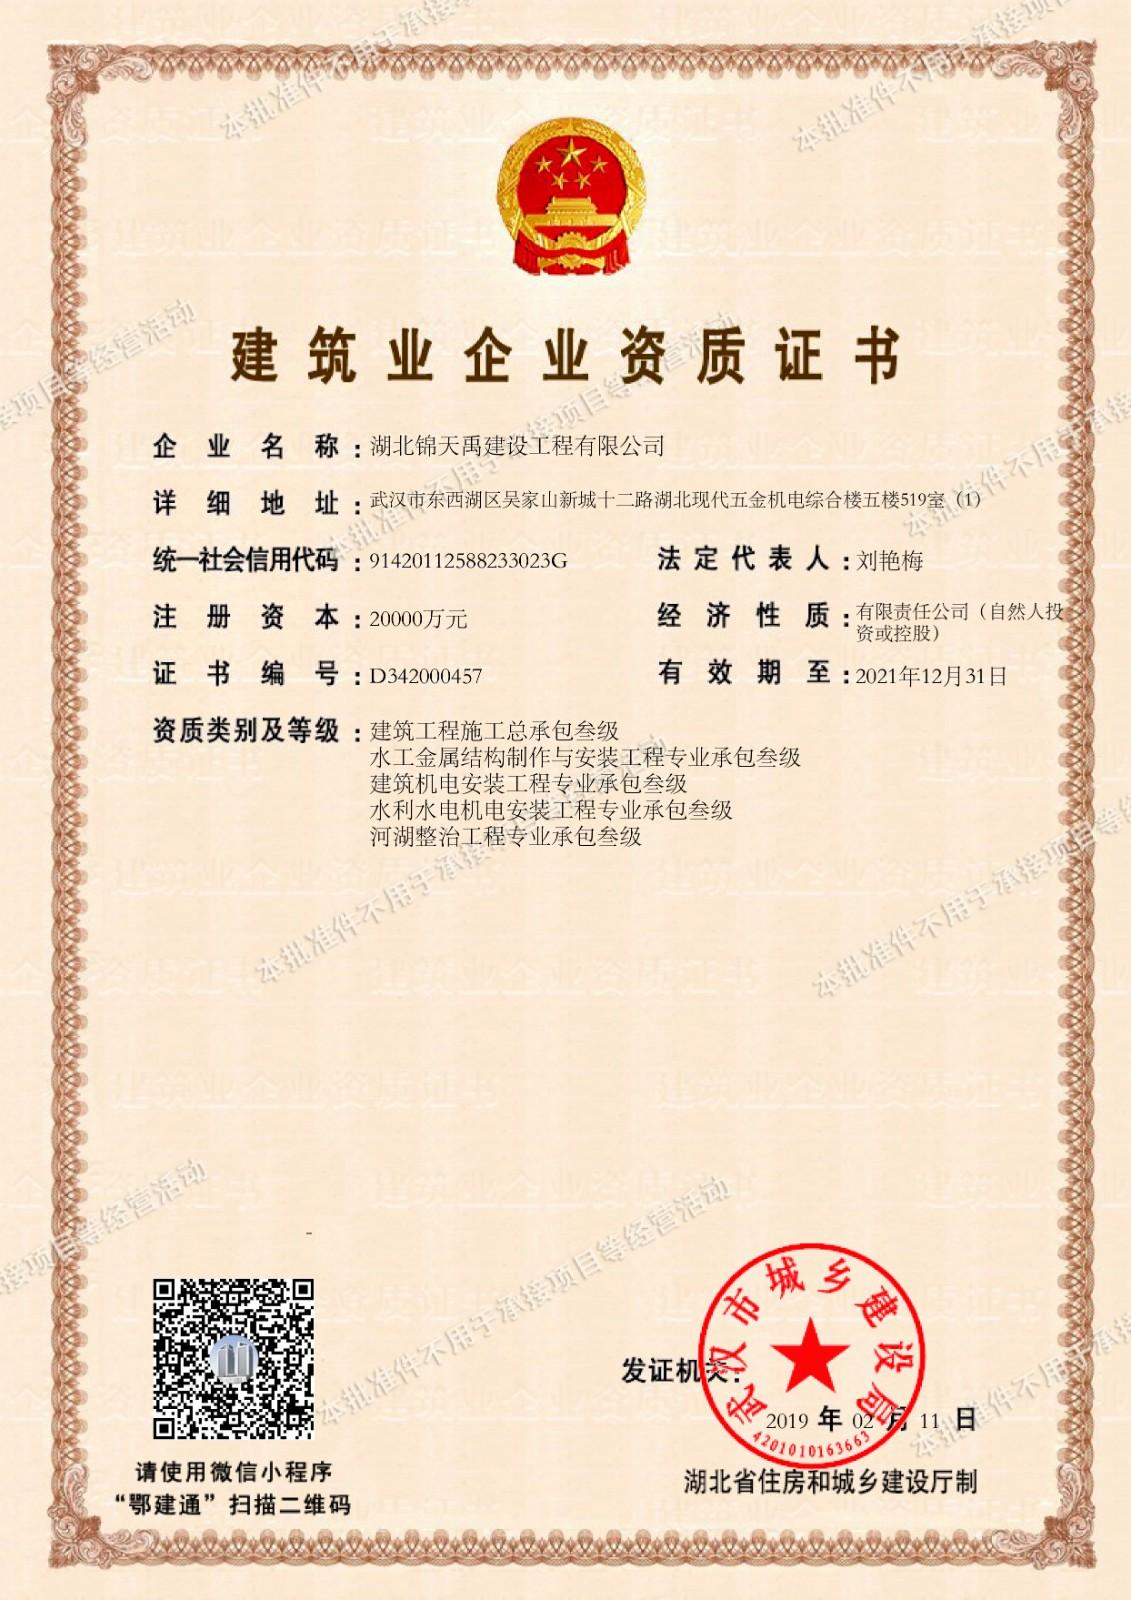 三级资质证书批准件.jpg